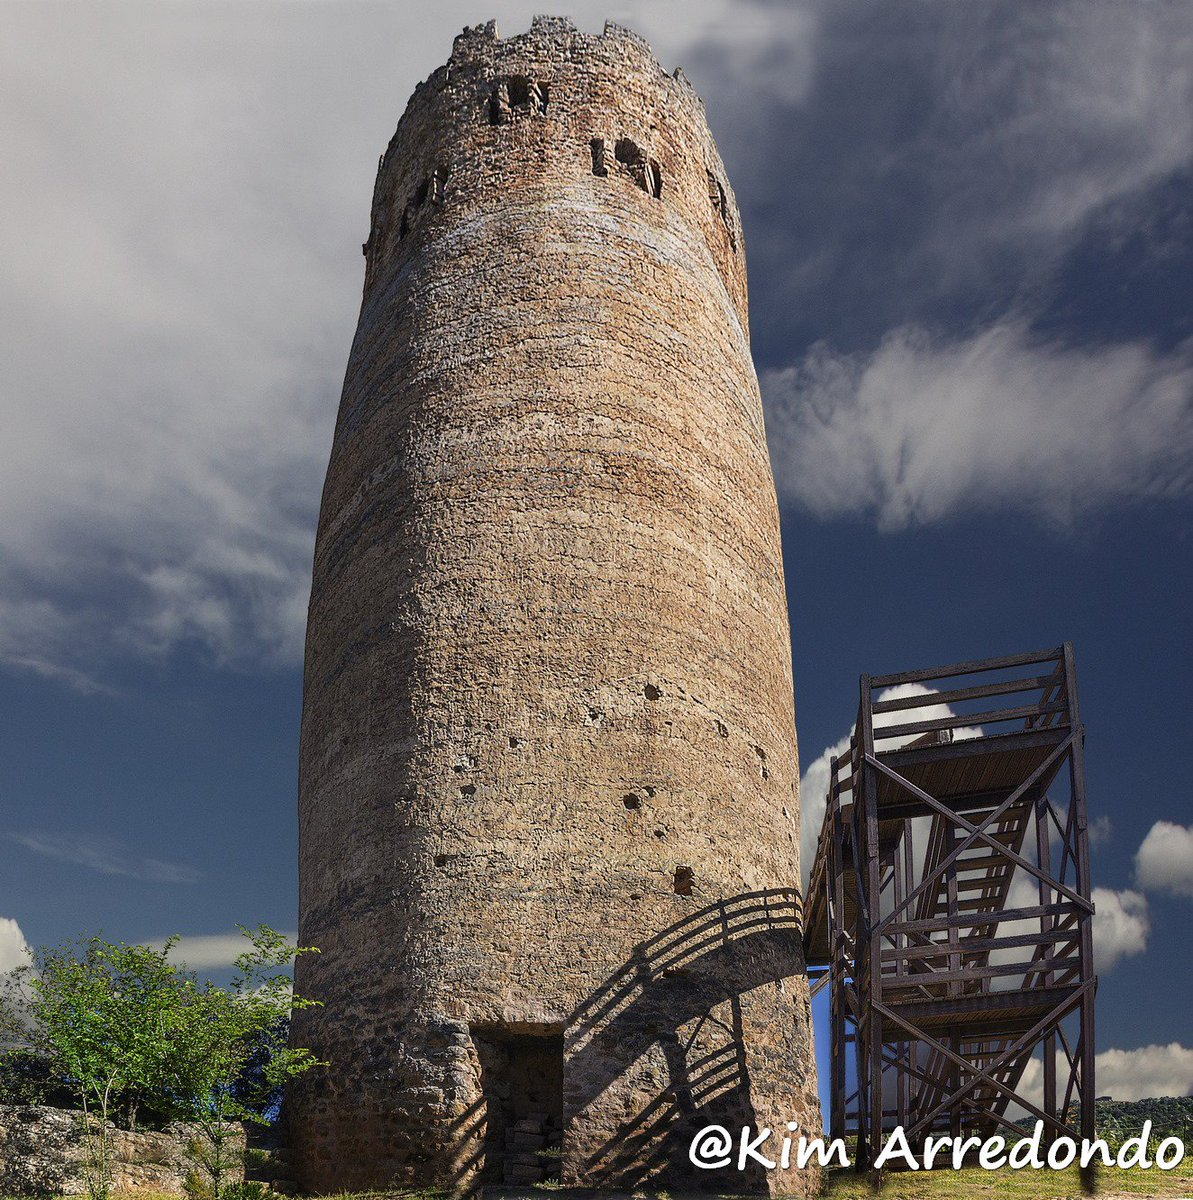 Coneixes la torre de guaita de #Vallferosa a #Torà? 🌿 Més informació 👉 bit.ly/2mBknJi by @KimGorgues @viladetora @AjuntamentTora @Turisme_Segarra @SomSegarra @aralleida